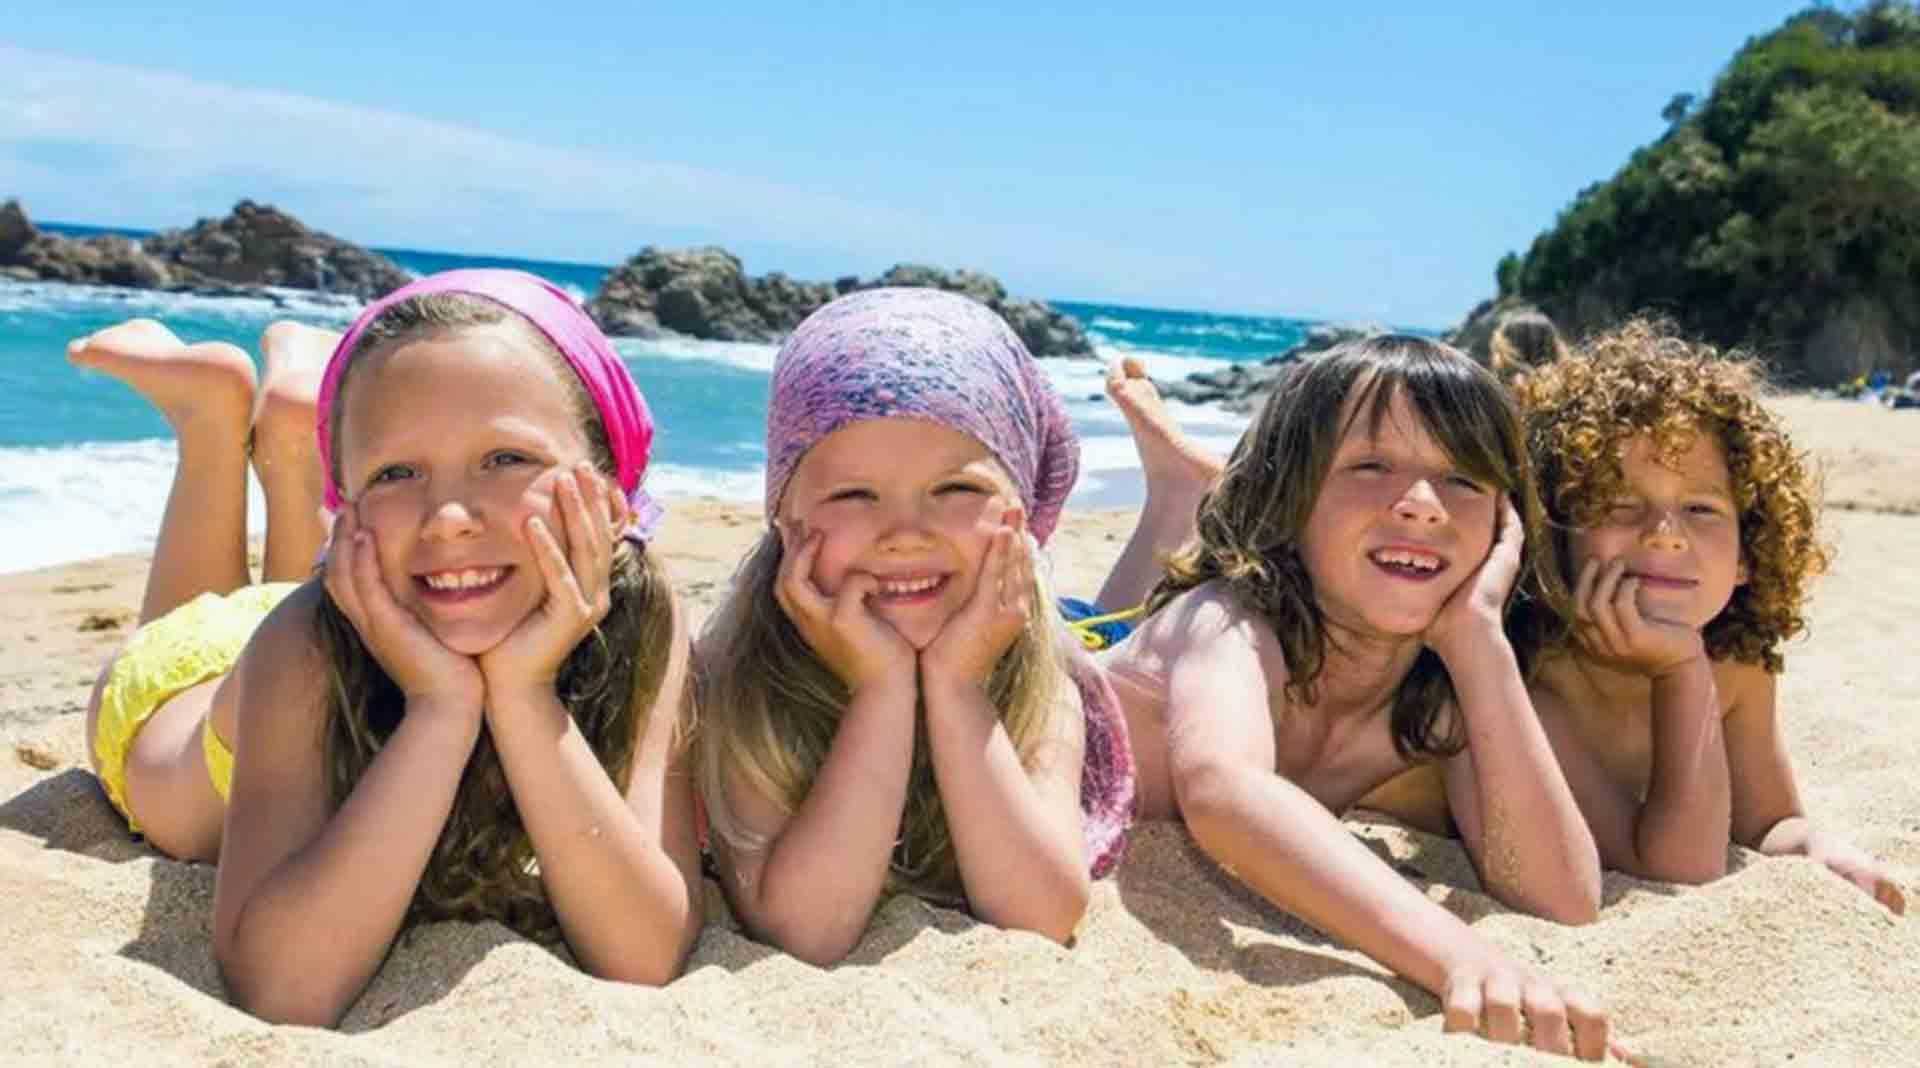 Заявление о предоставлении сертификата на оздоровление или отдых детей картинка